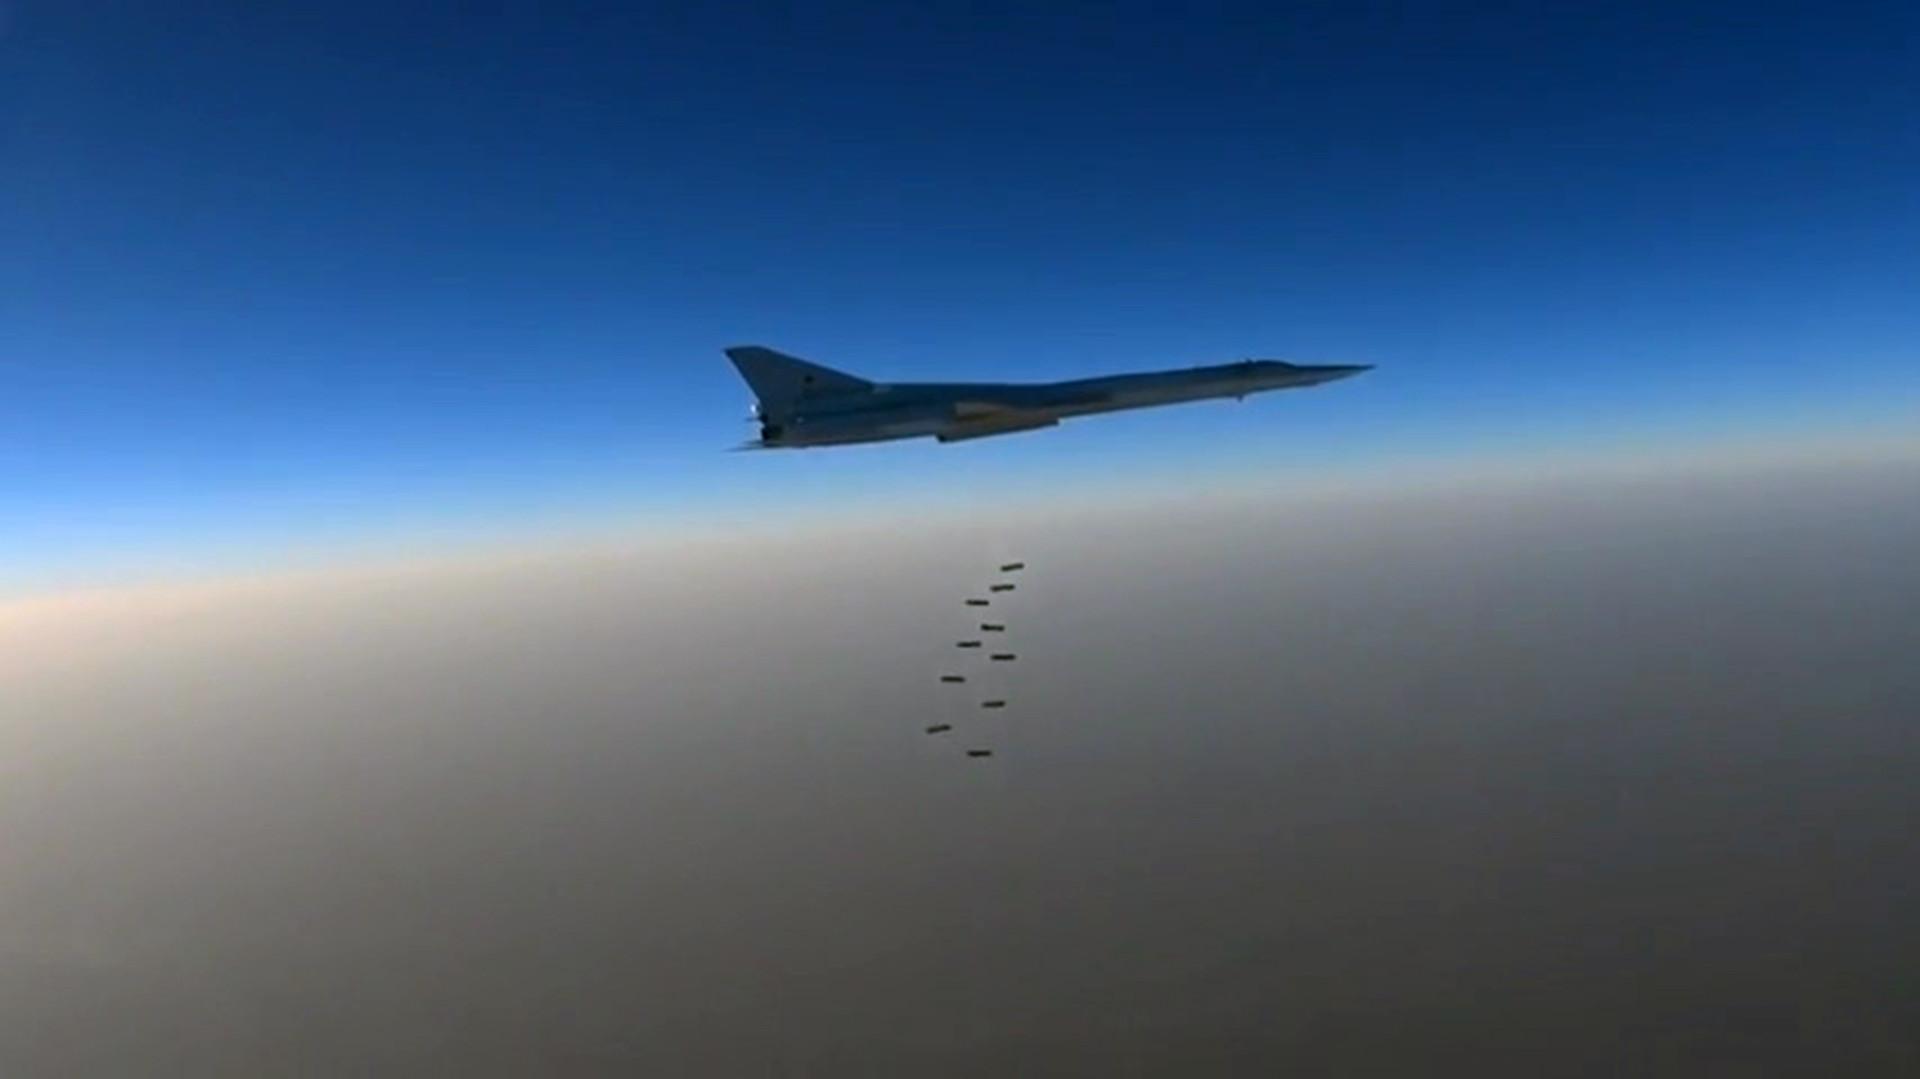 Дальний бомбардировщик ВКС РФ Ту-22м3 наносит бомбовые авиаудары по объектам ИГ в районах городов Эс-Сухне, Арак, Эт-Тэйбе в провинции Хомс в Сирии.